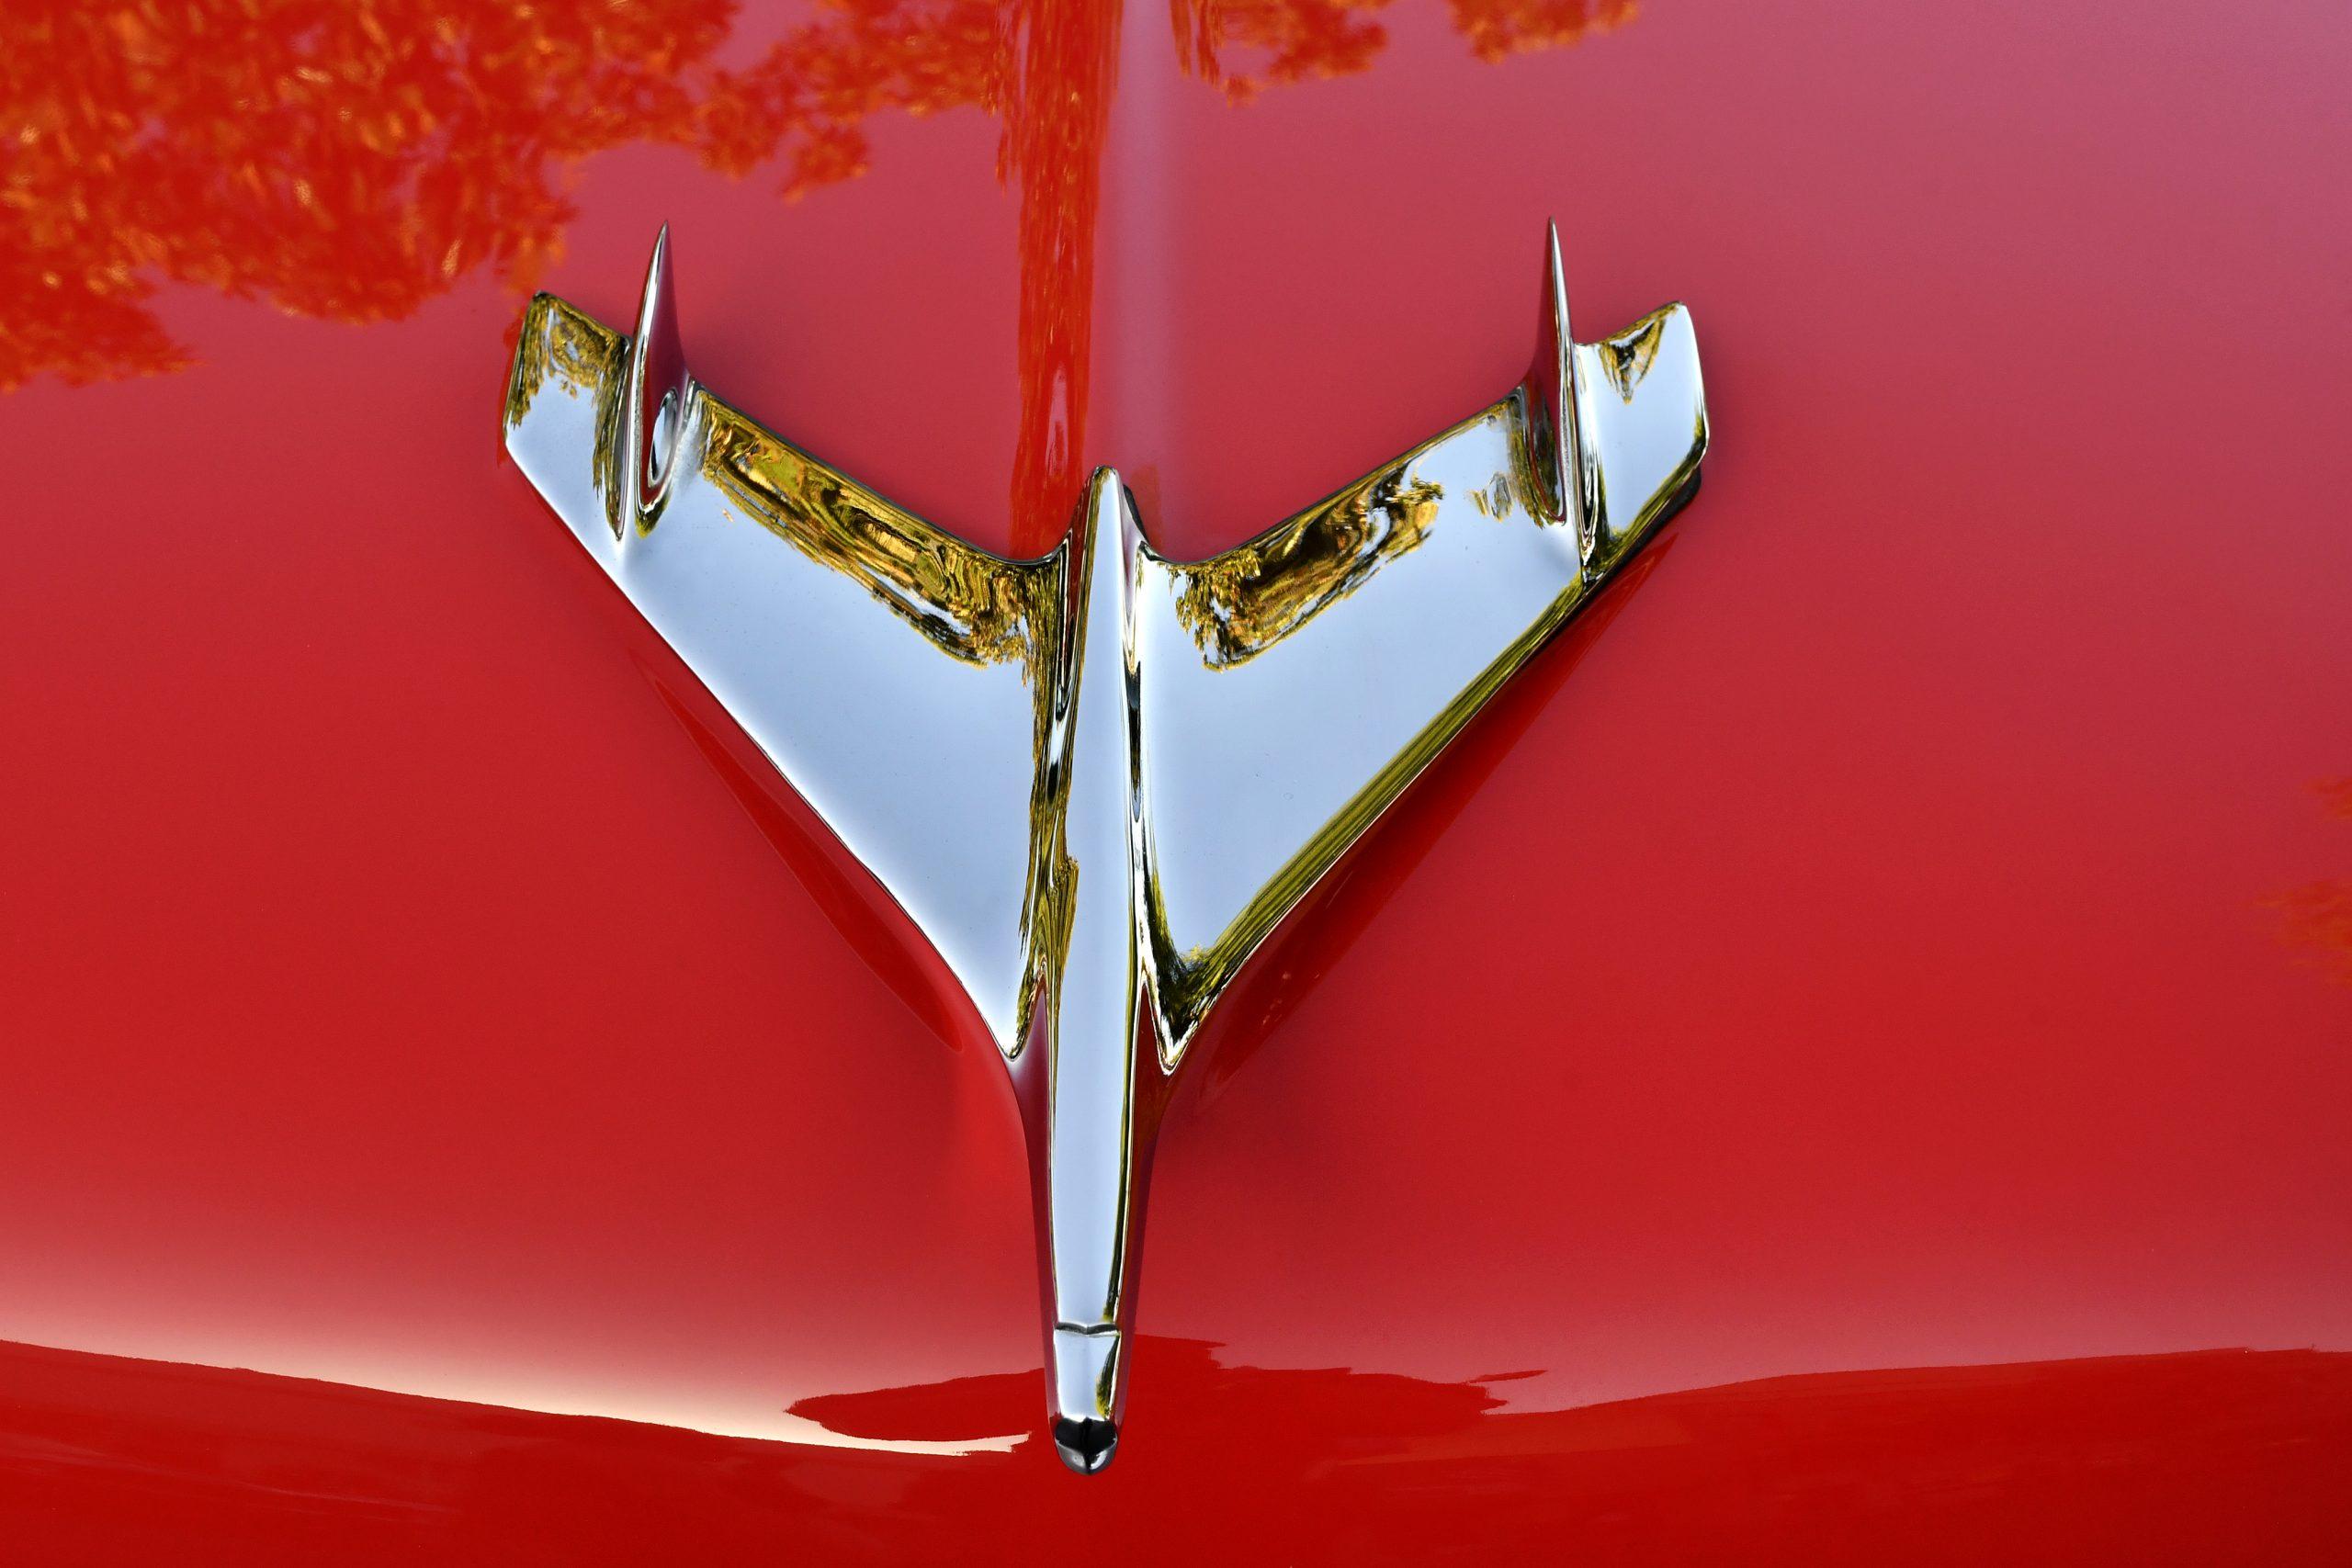 Route 66 Reunion chevy emblem